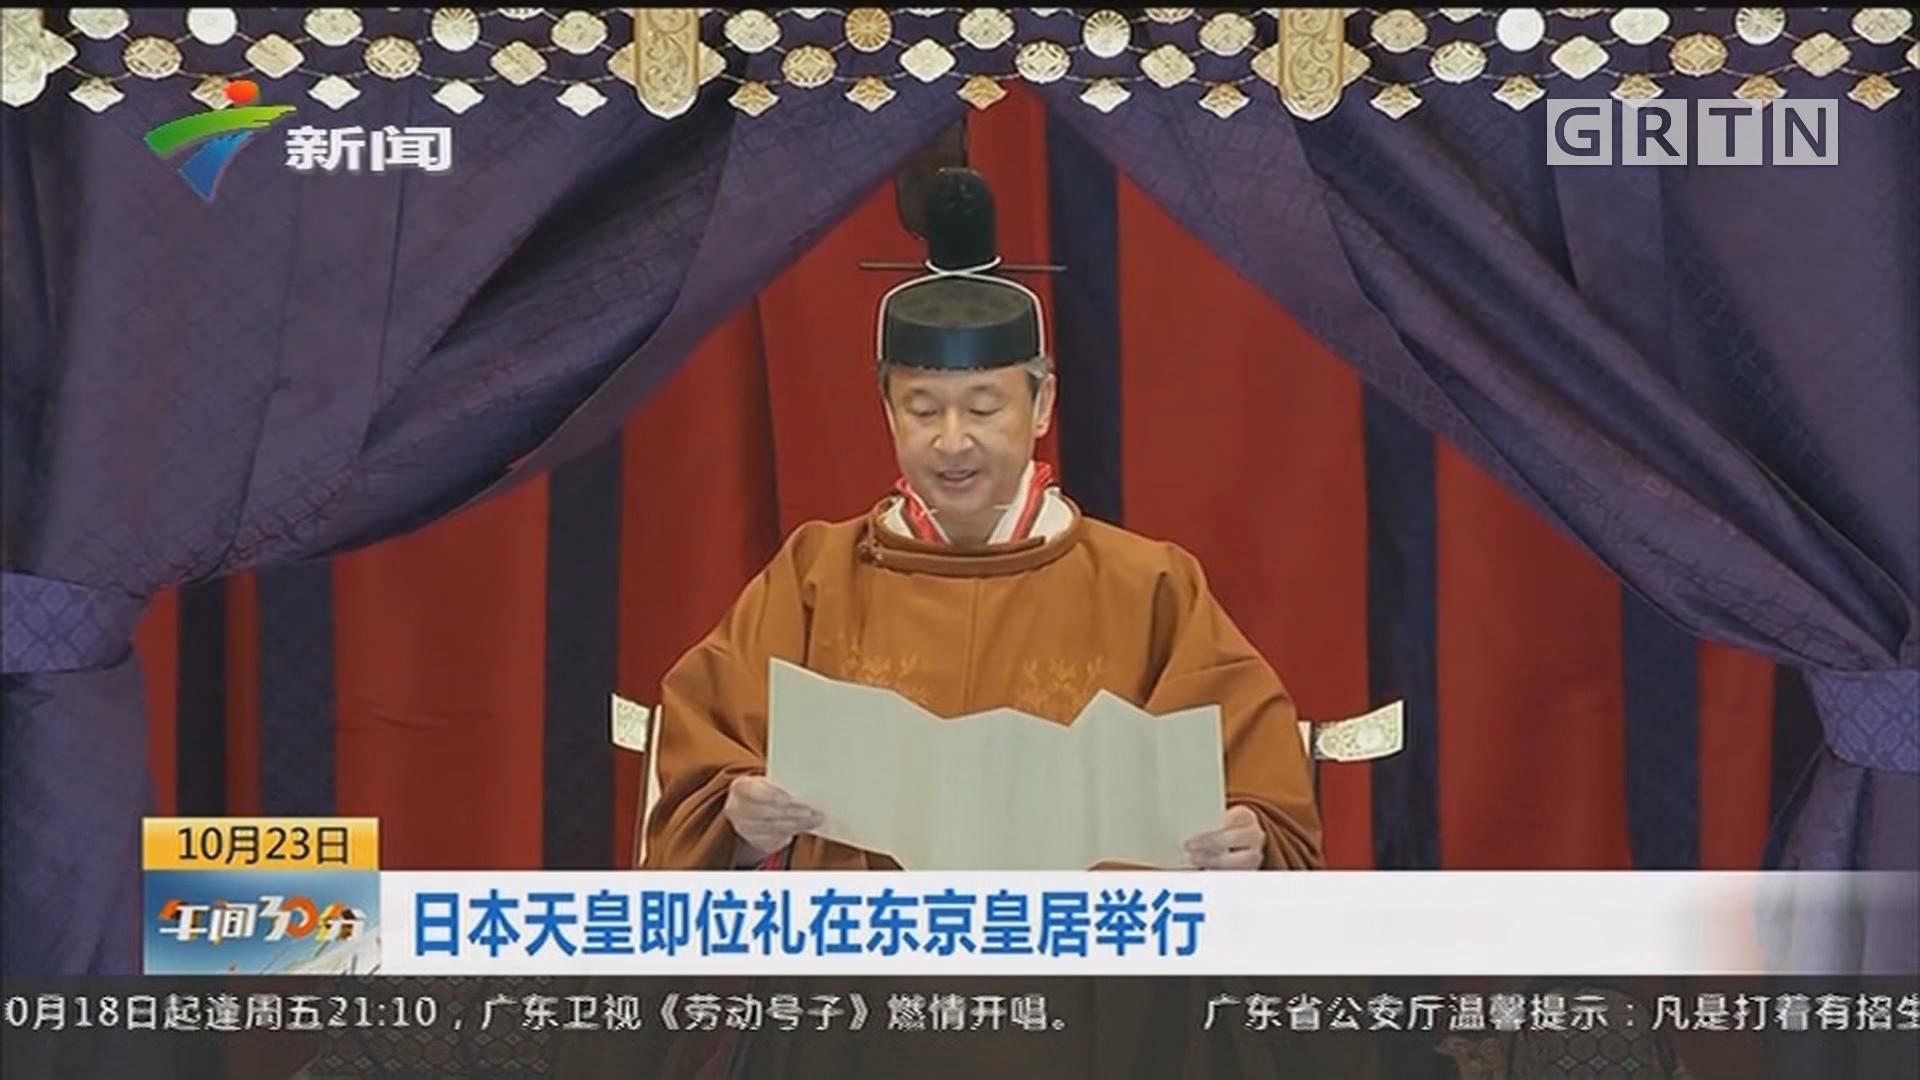 日本天皇即位礼在东京皇居举行